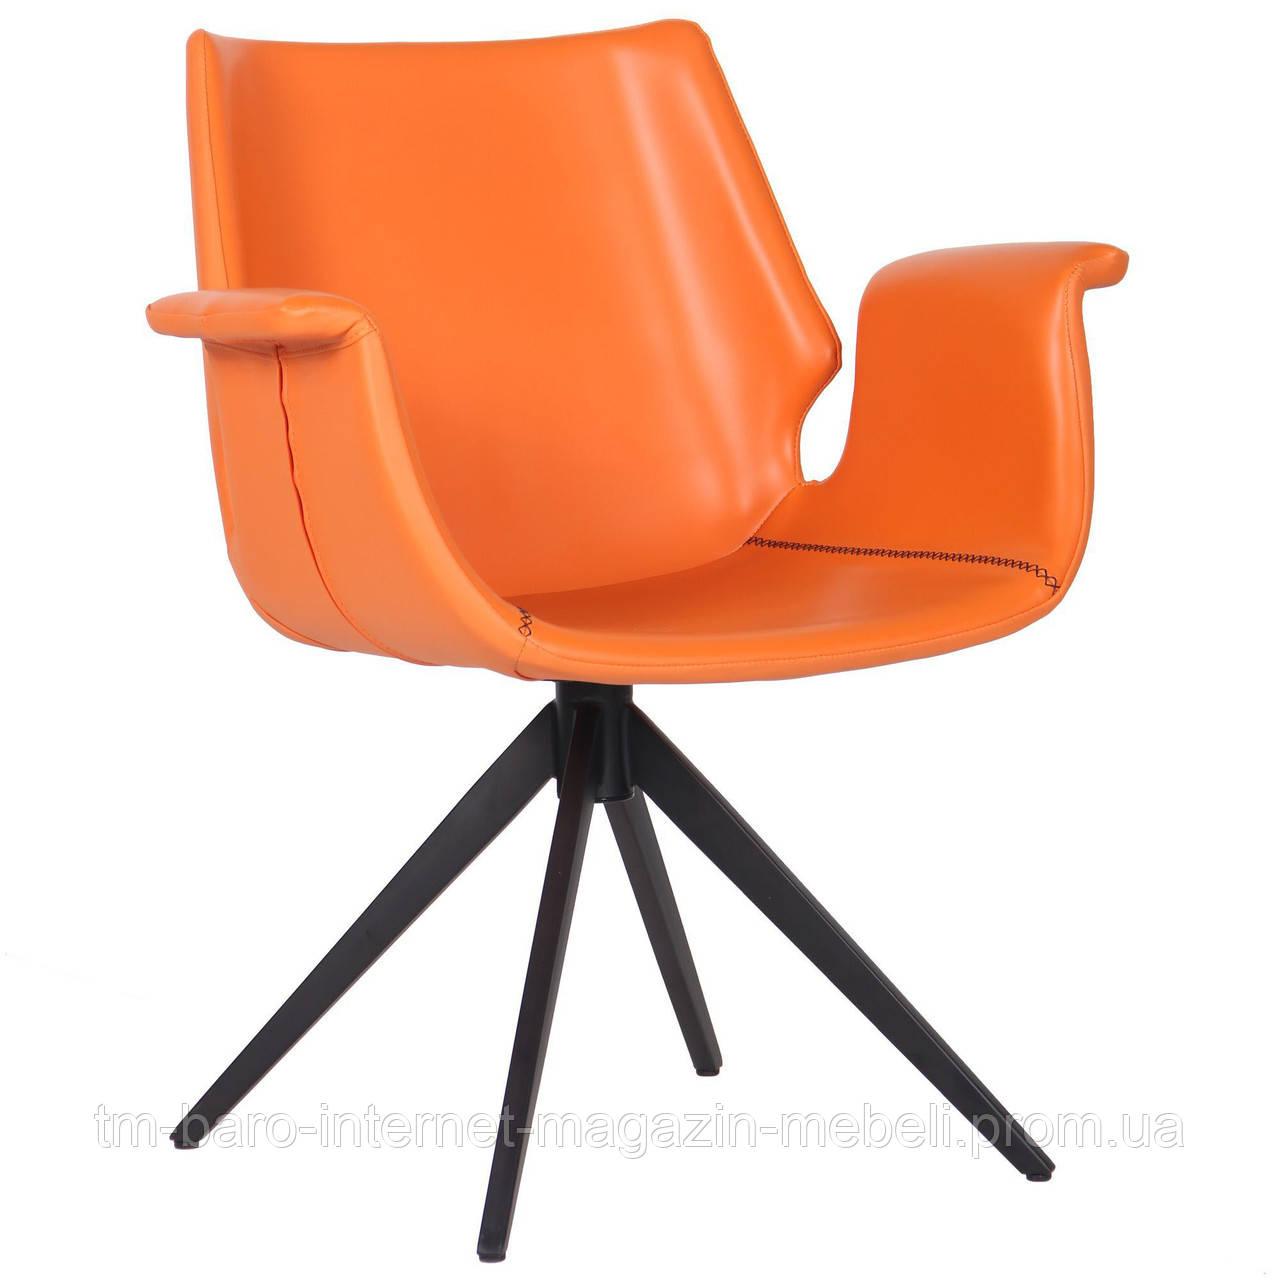 Кресло Vert (Верт) orange leather, оранжевый, Бесплатная доставка